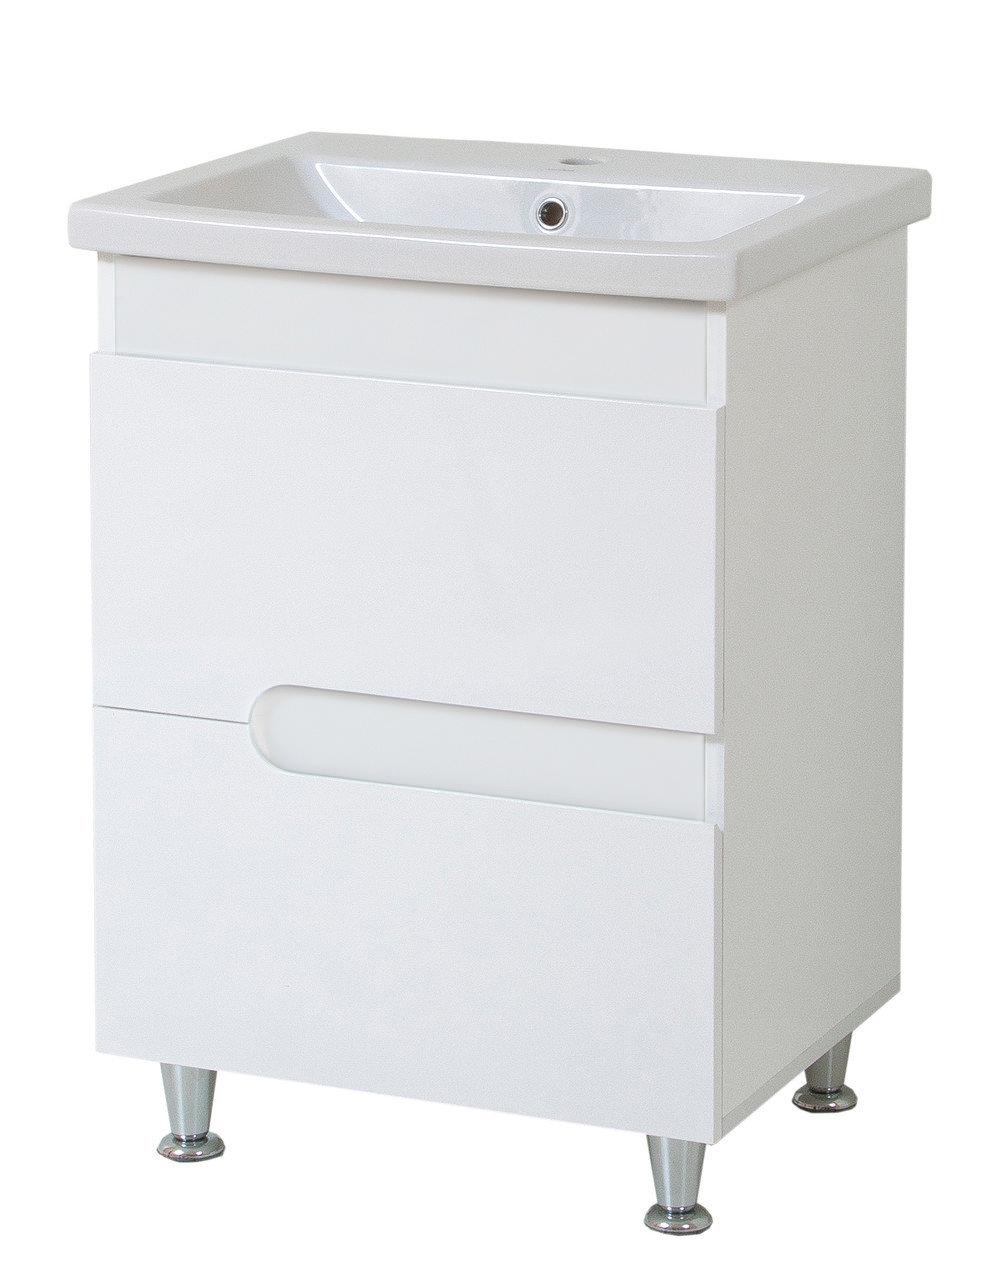 Тумба под раковину для ванной комнаты Симпл-Белый 70-30 с умывальником Комо 70 ПИК